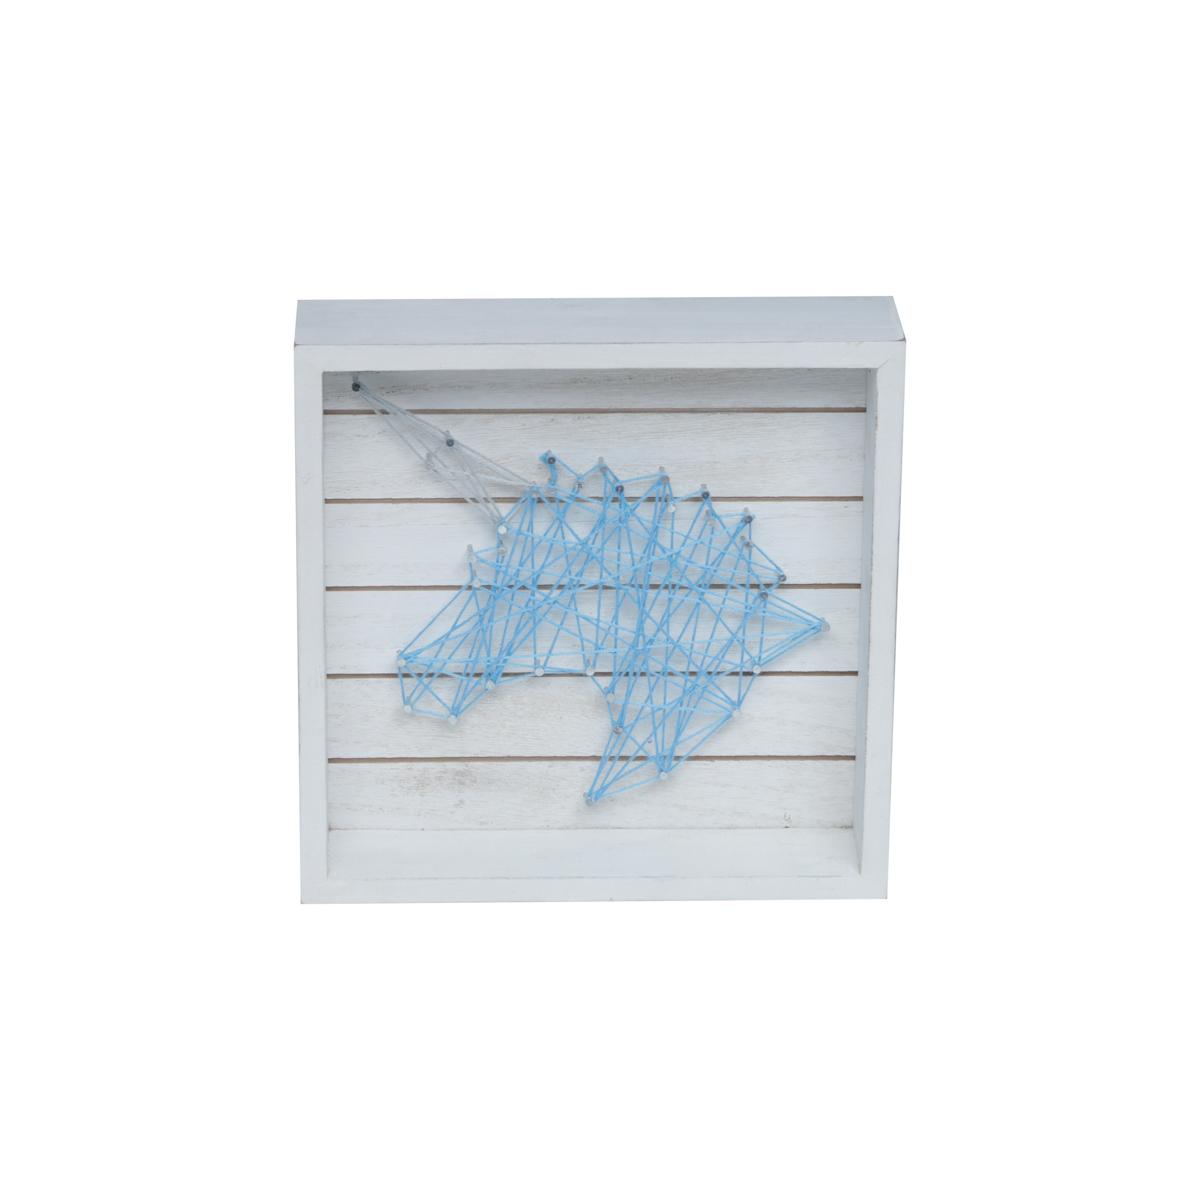 Quadro Madeira String Art Thick Frame Unicornio Azul 20,32X5,08X20,32Cm